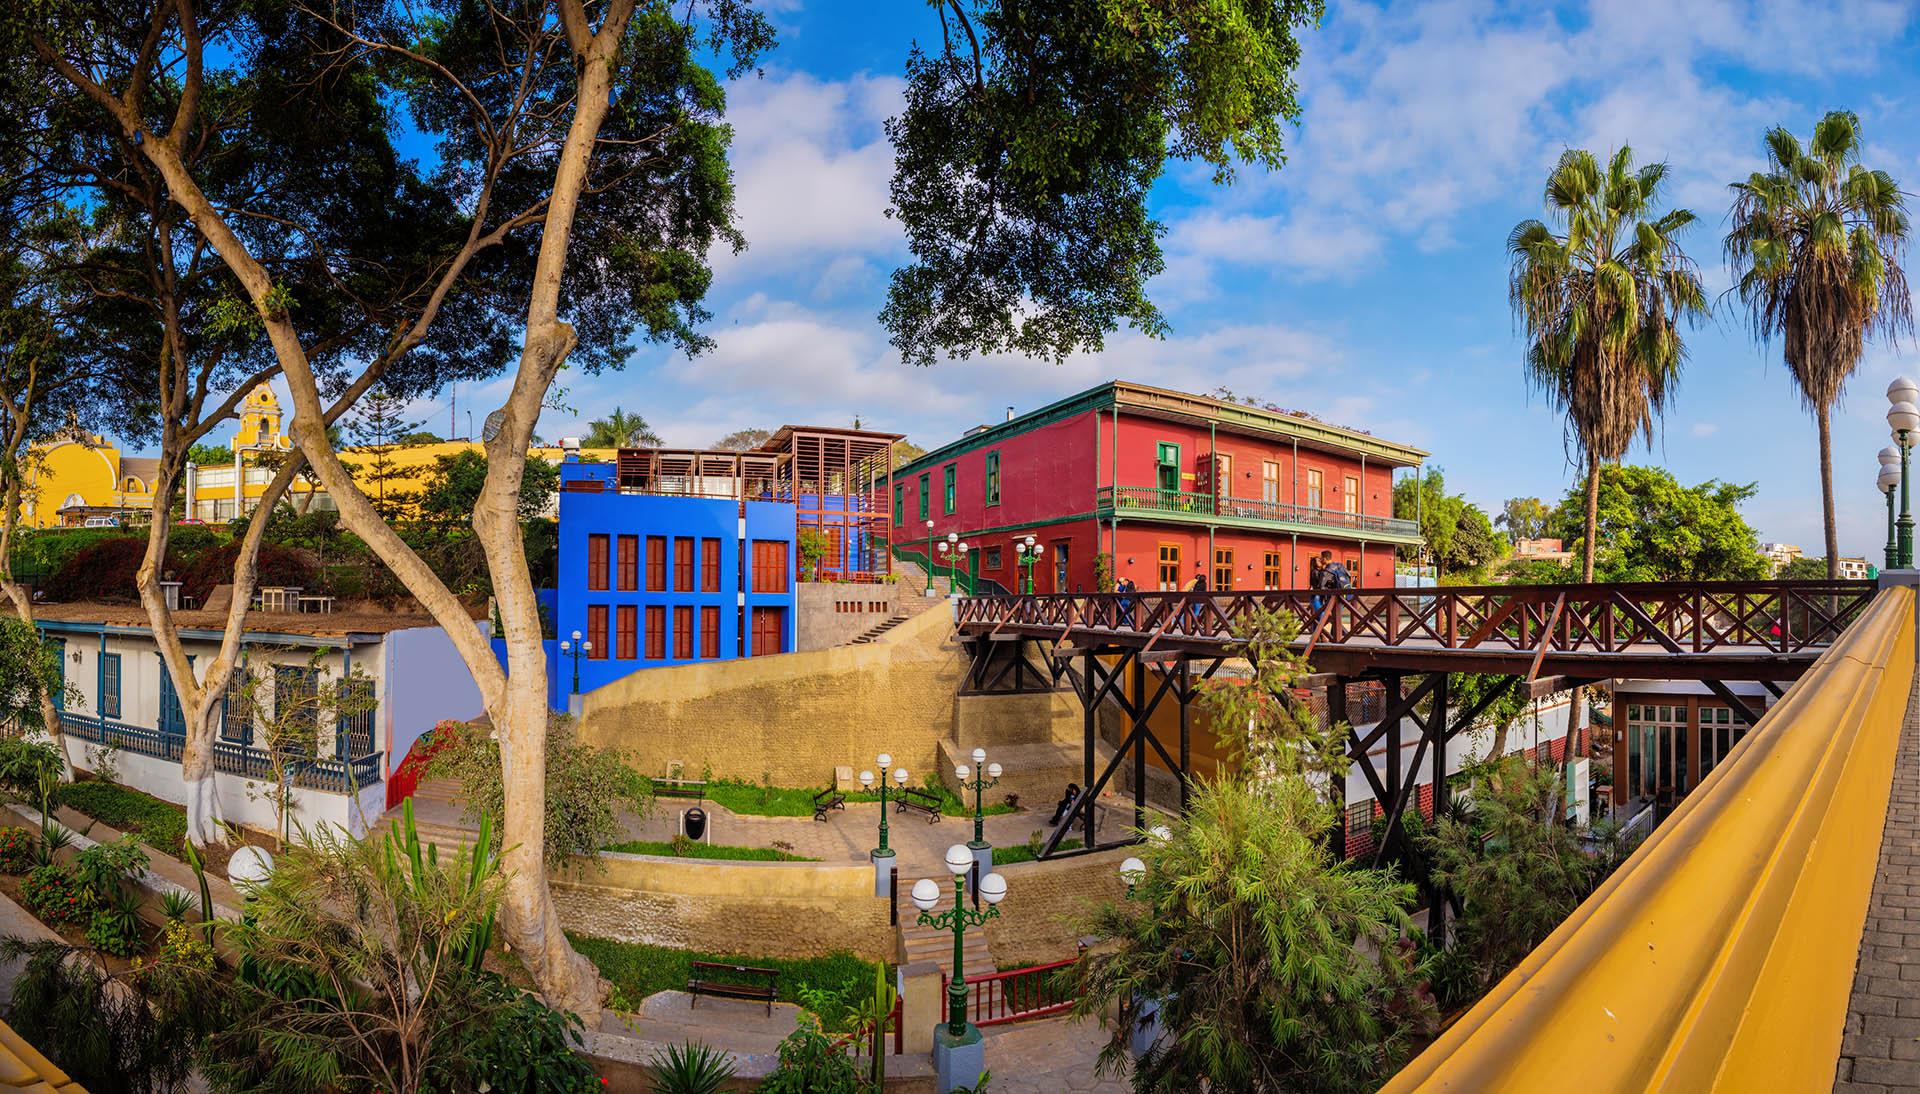 Se trata de uno de los distritos más pequeños pero a la vez más bellos y completos de Lima: Barranco, lo tiene casi todo. En susnumerosos restaurantes se puede degustar la variada gastronomía del Perú. A su vez, hay bares bohemios y discotecas